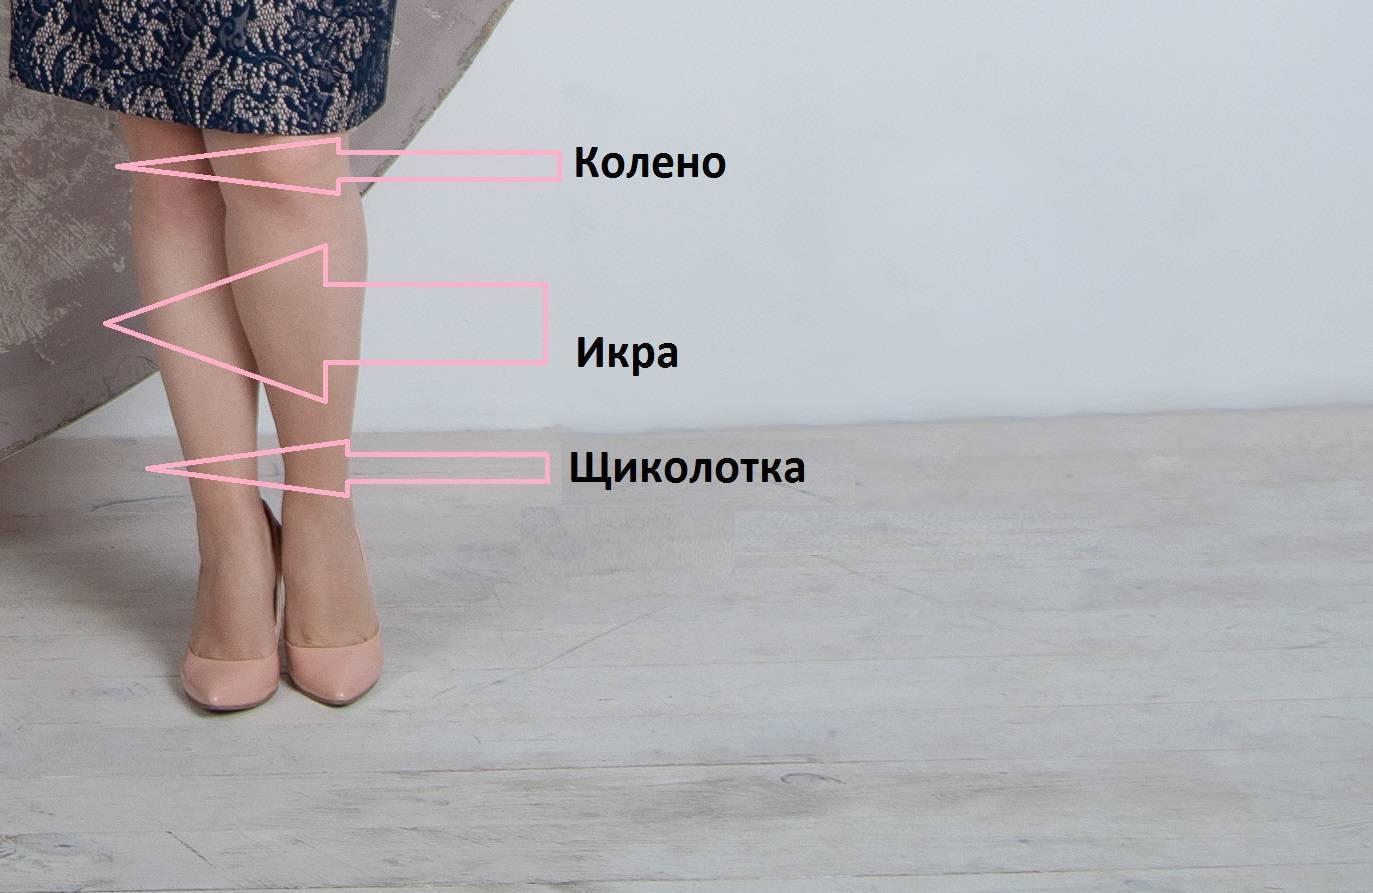 женские сапоги ботильоны ботинки купить как выбрать обувь на зиму женщине